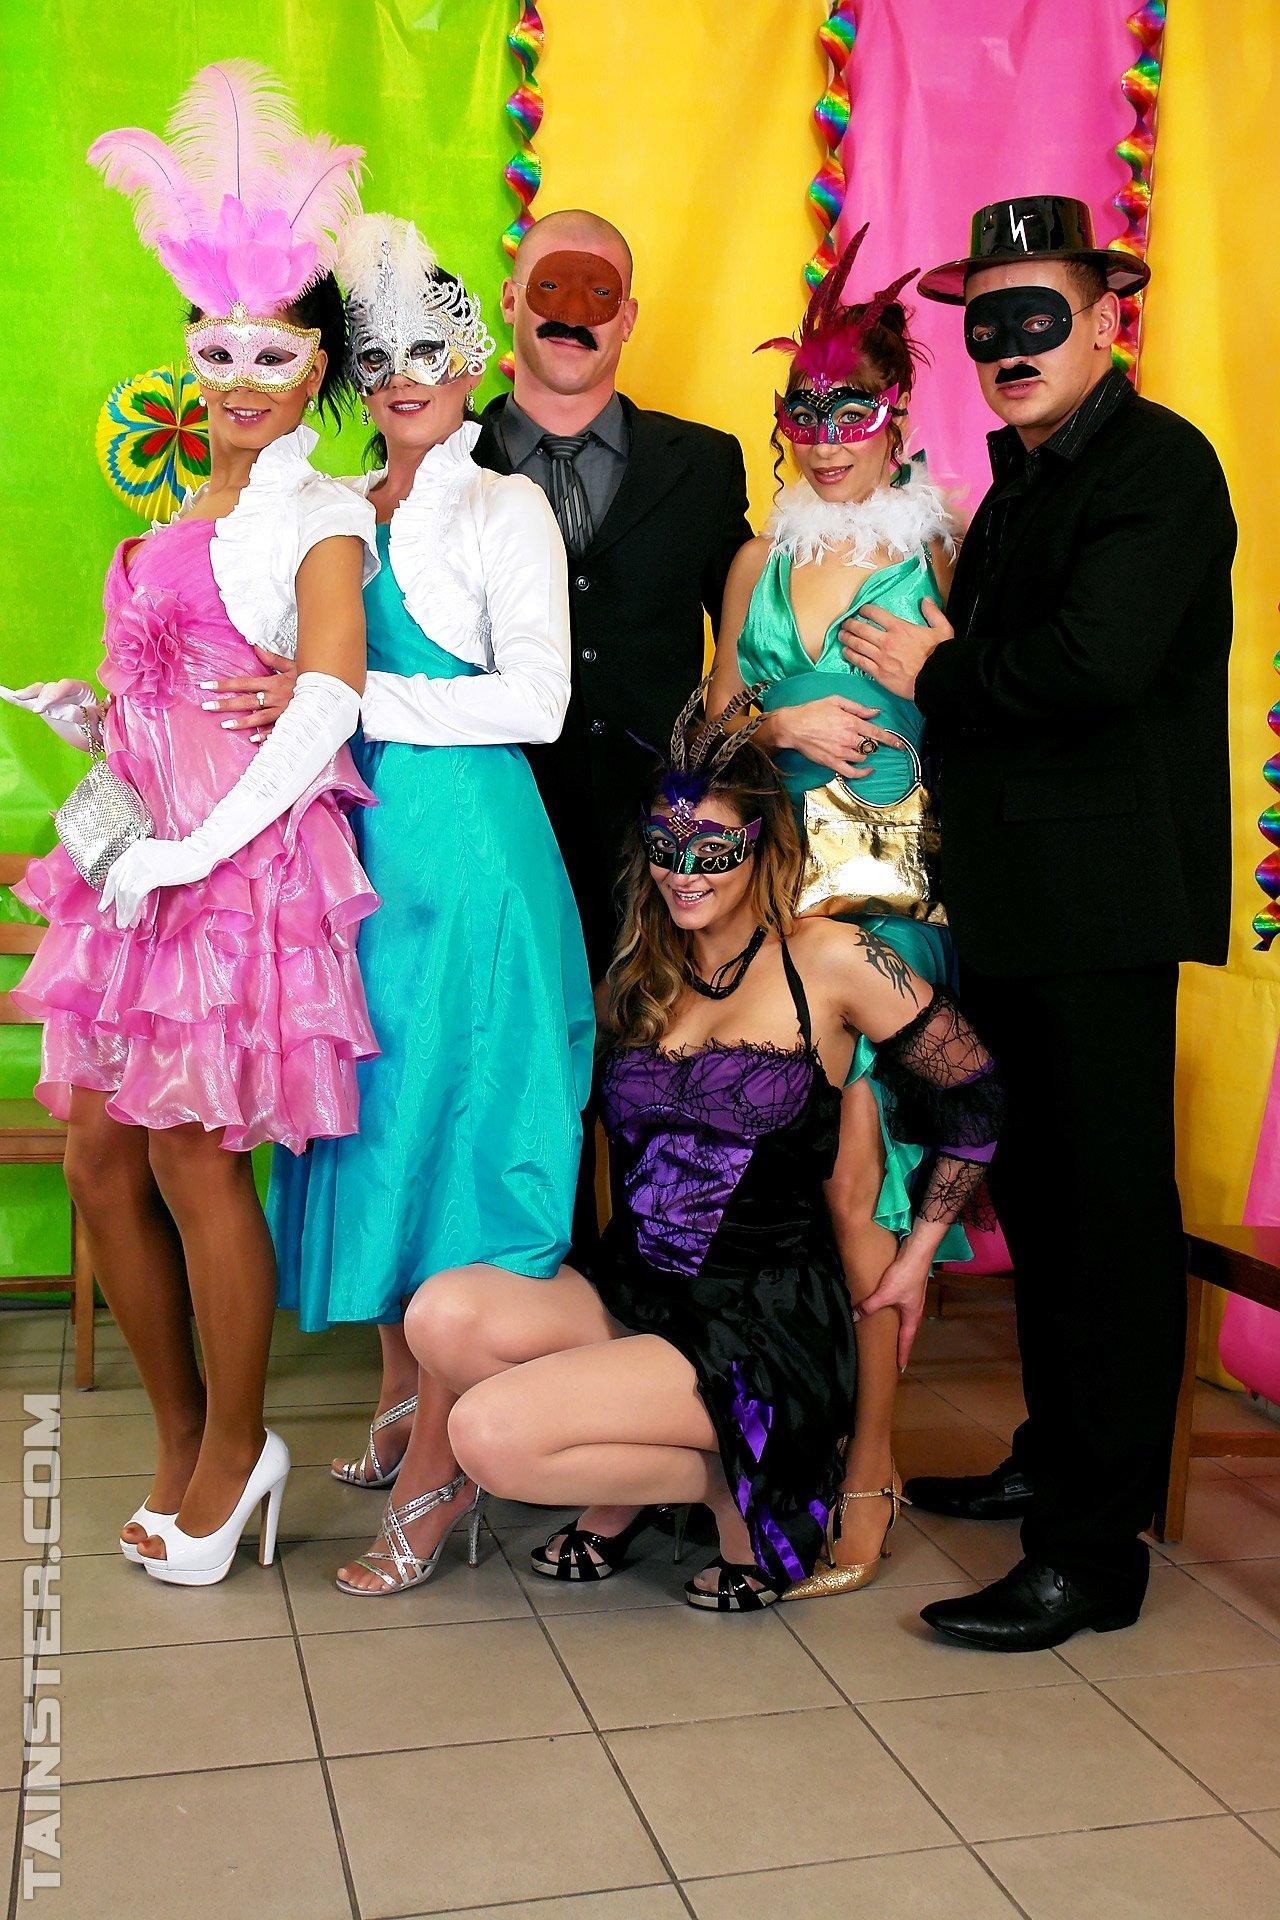 Дикий секс в одежде на карнавале